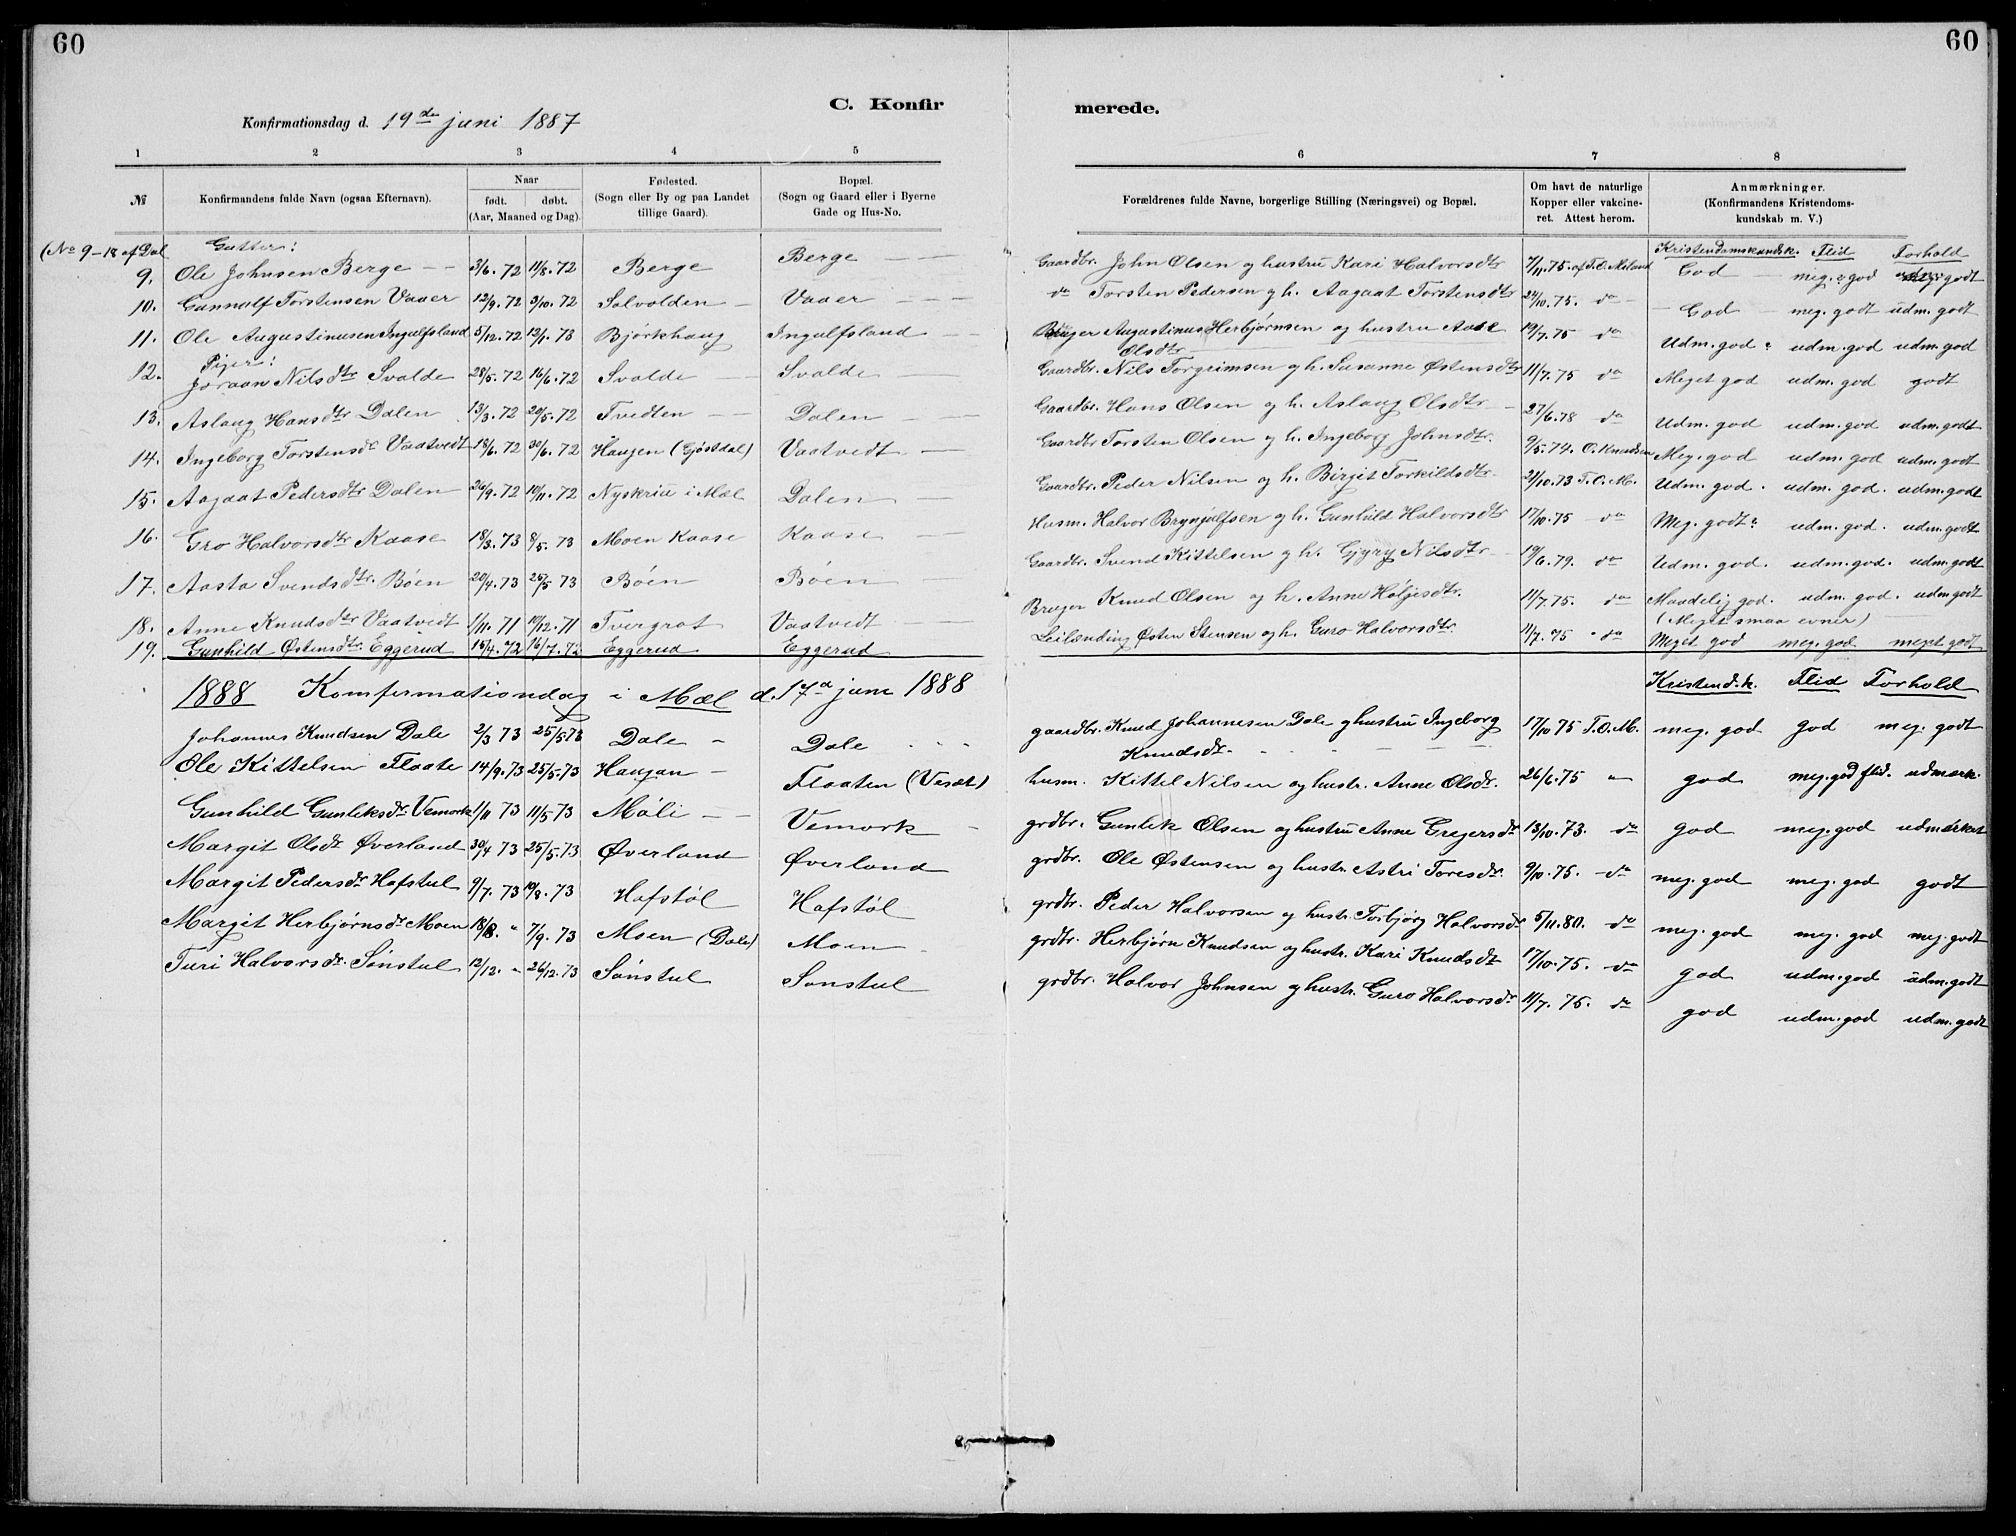 SAKO, Rjukan kirkebøker, G/Ga/L0001: Klokkerbok nr. 1, 1880-1914, s. 60